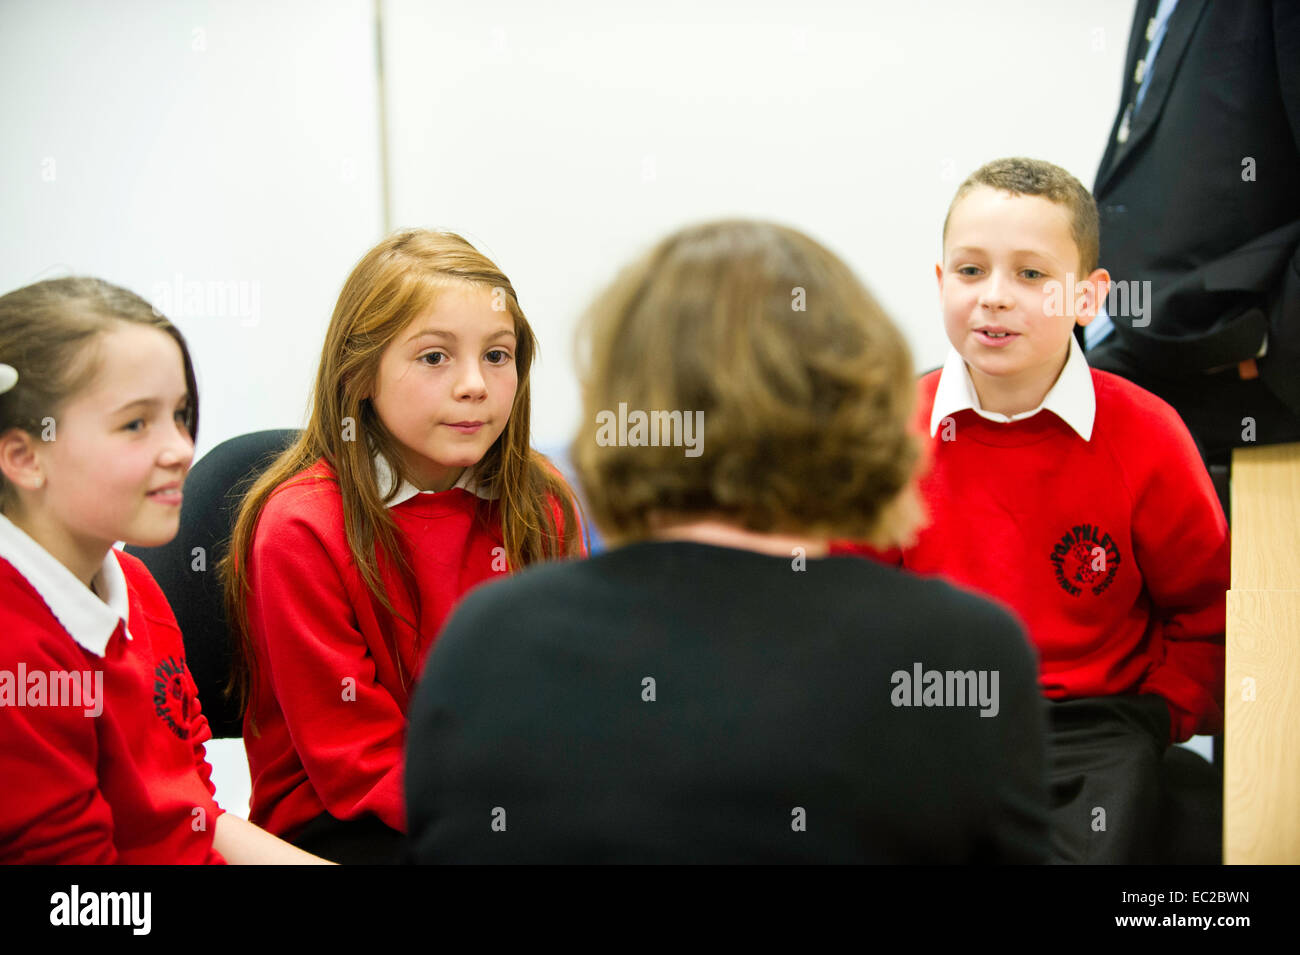 Un insegnante educare 3 bambini Immagini Stock